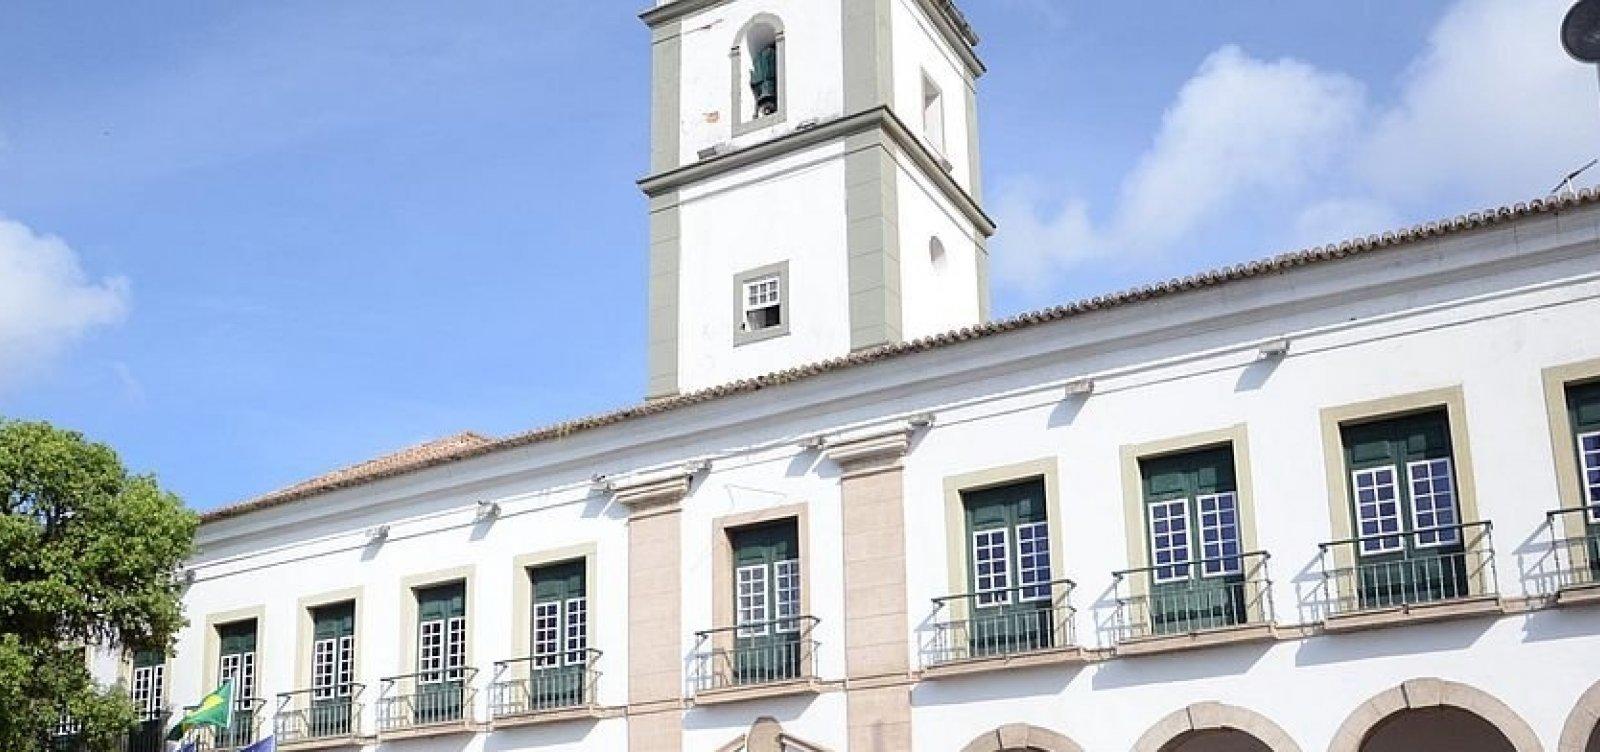 [Pela primeira vez em Salvador, vereador eleito abre processo seletivo para compor gabinete na CMS]